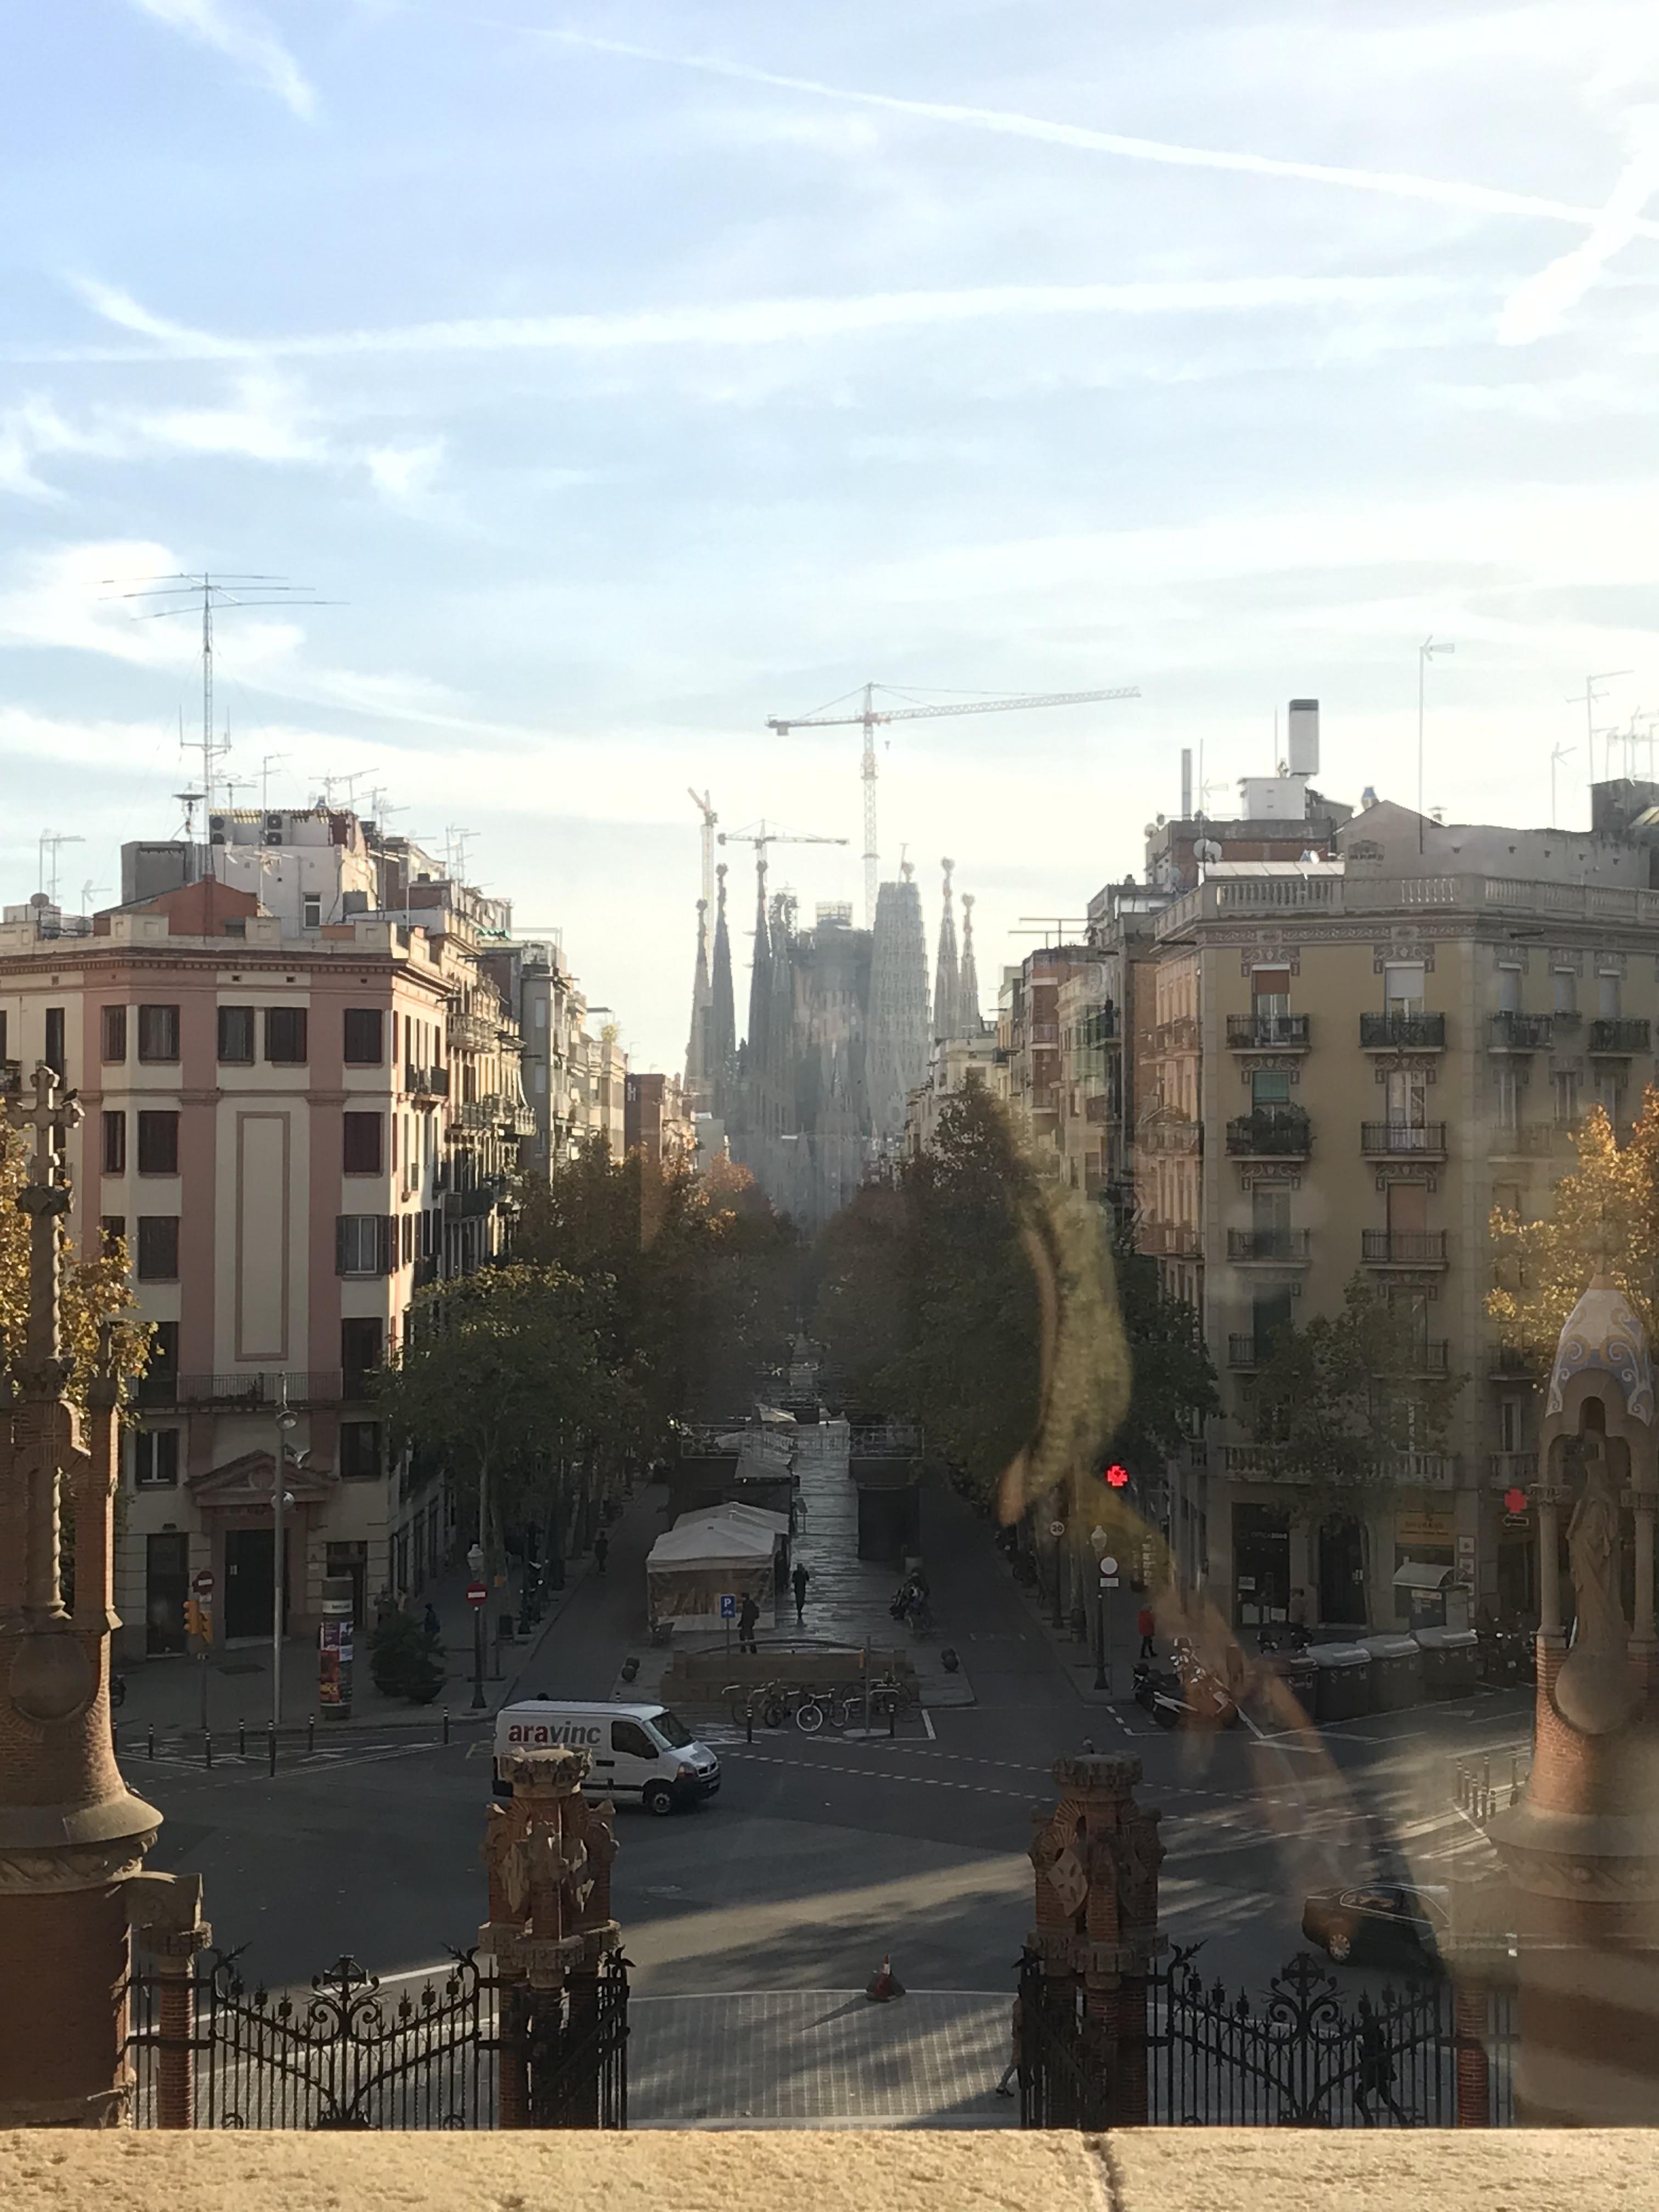 バルセロナ旅行を終えて全体的な感想 夫婦での海外旅行3回目 3都市の比較など